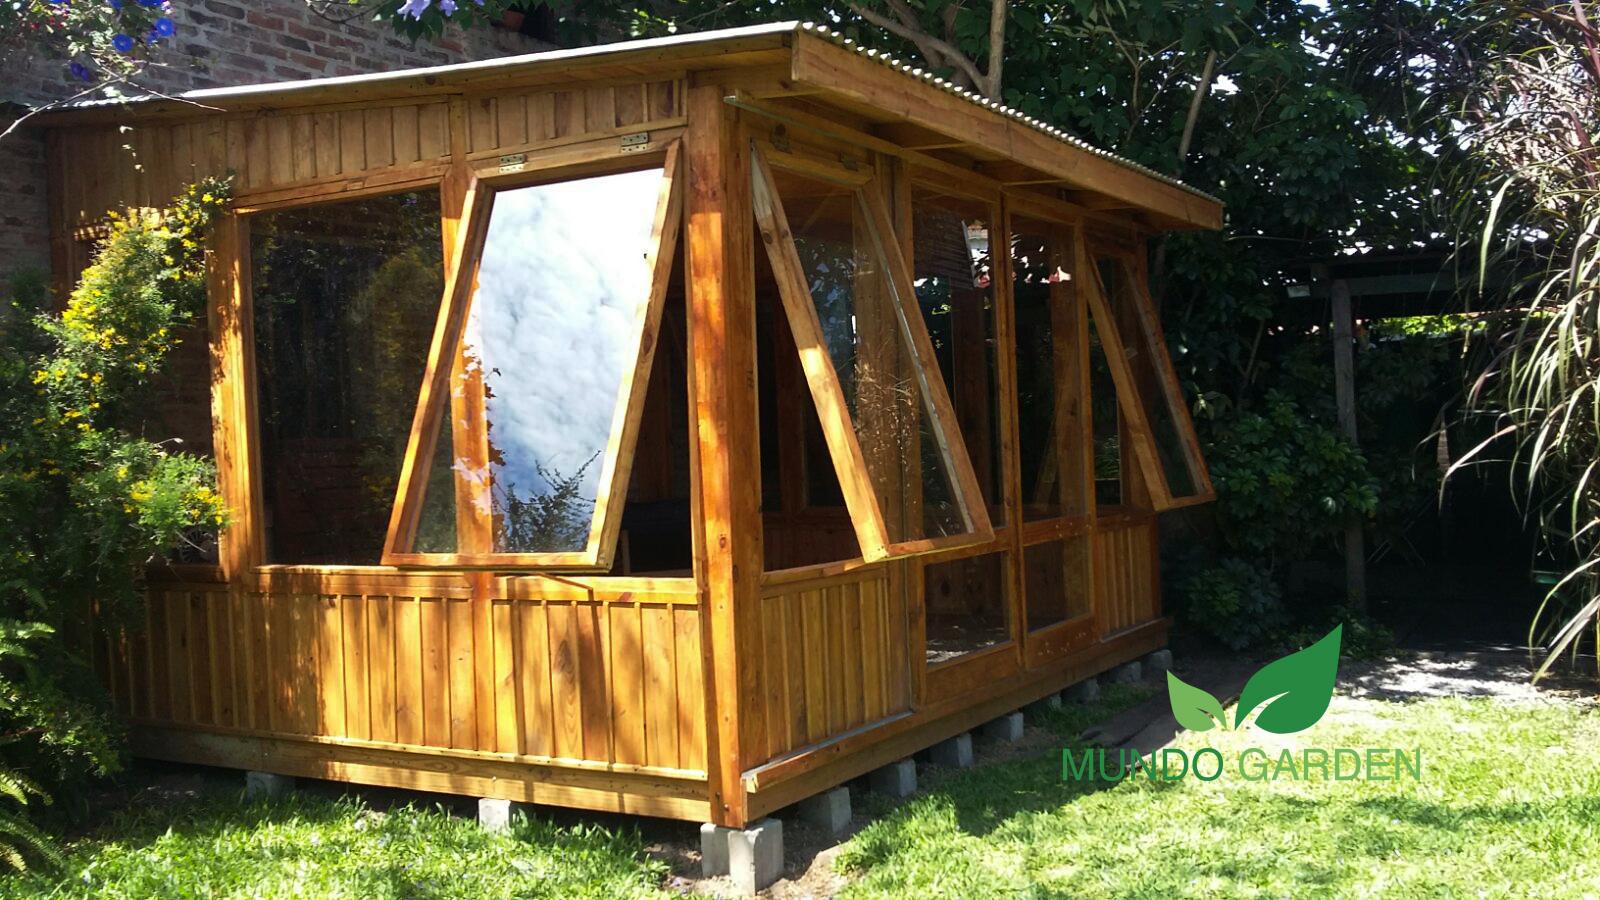 Mundo garden jard n de invierno living exterior for Cortinas para jardin de invierno